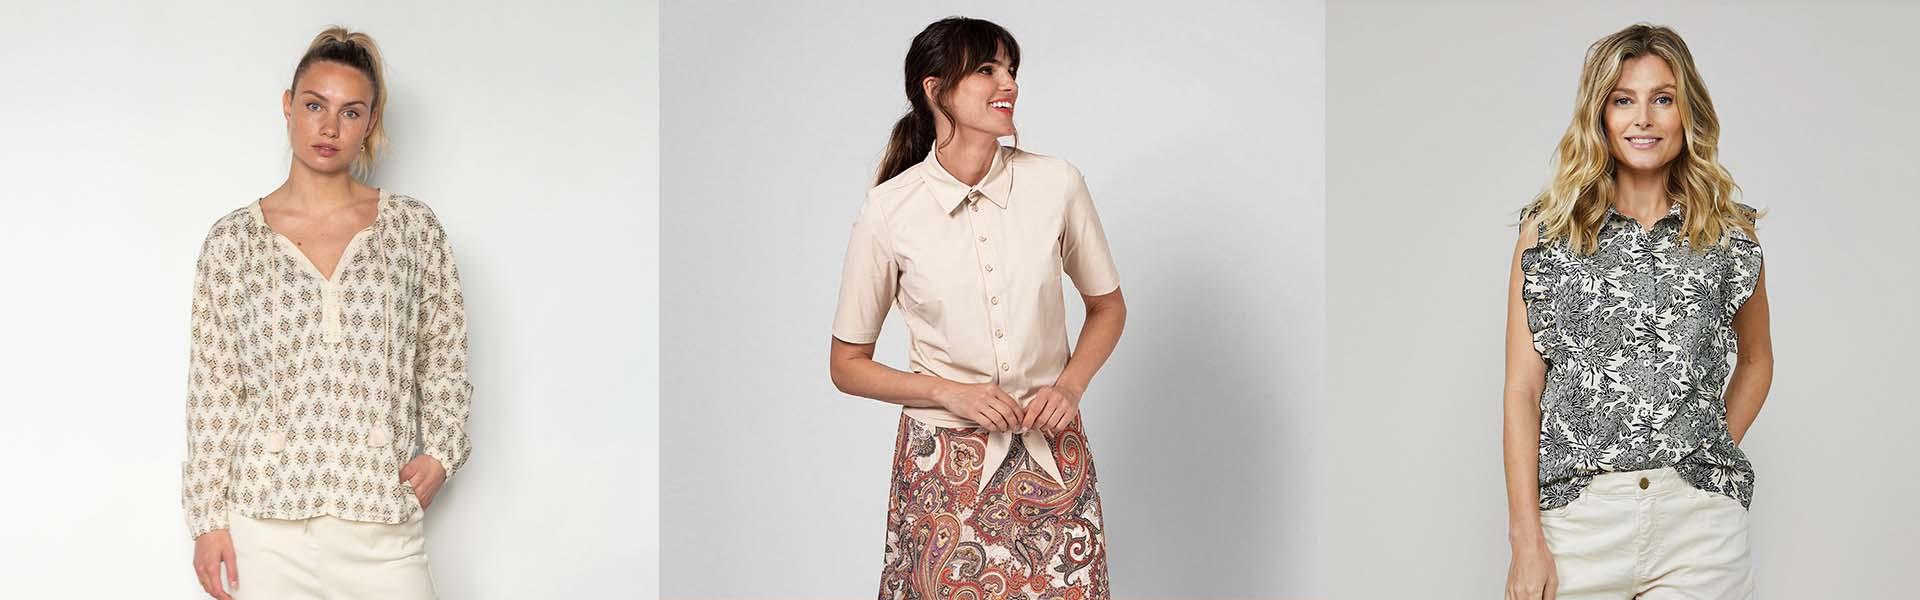 Dames kleding blouses en tops